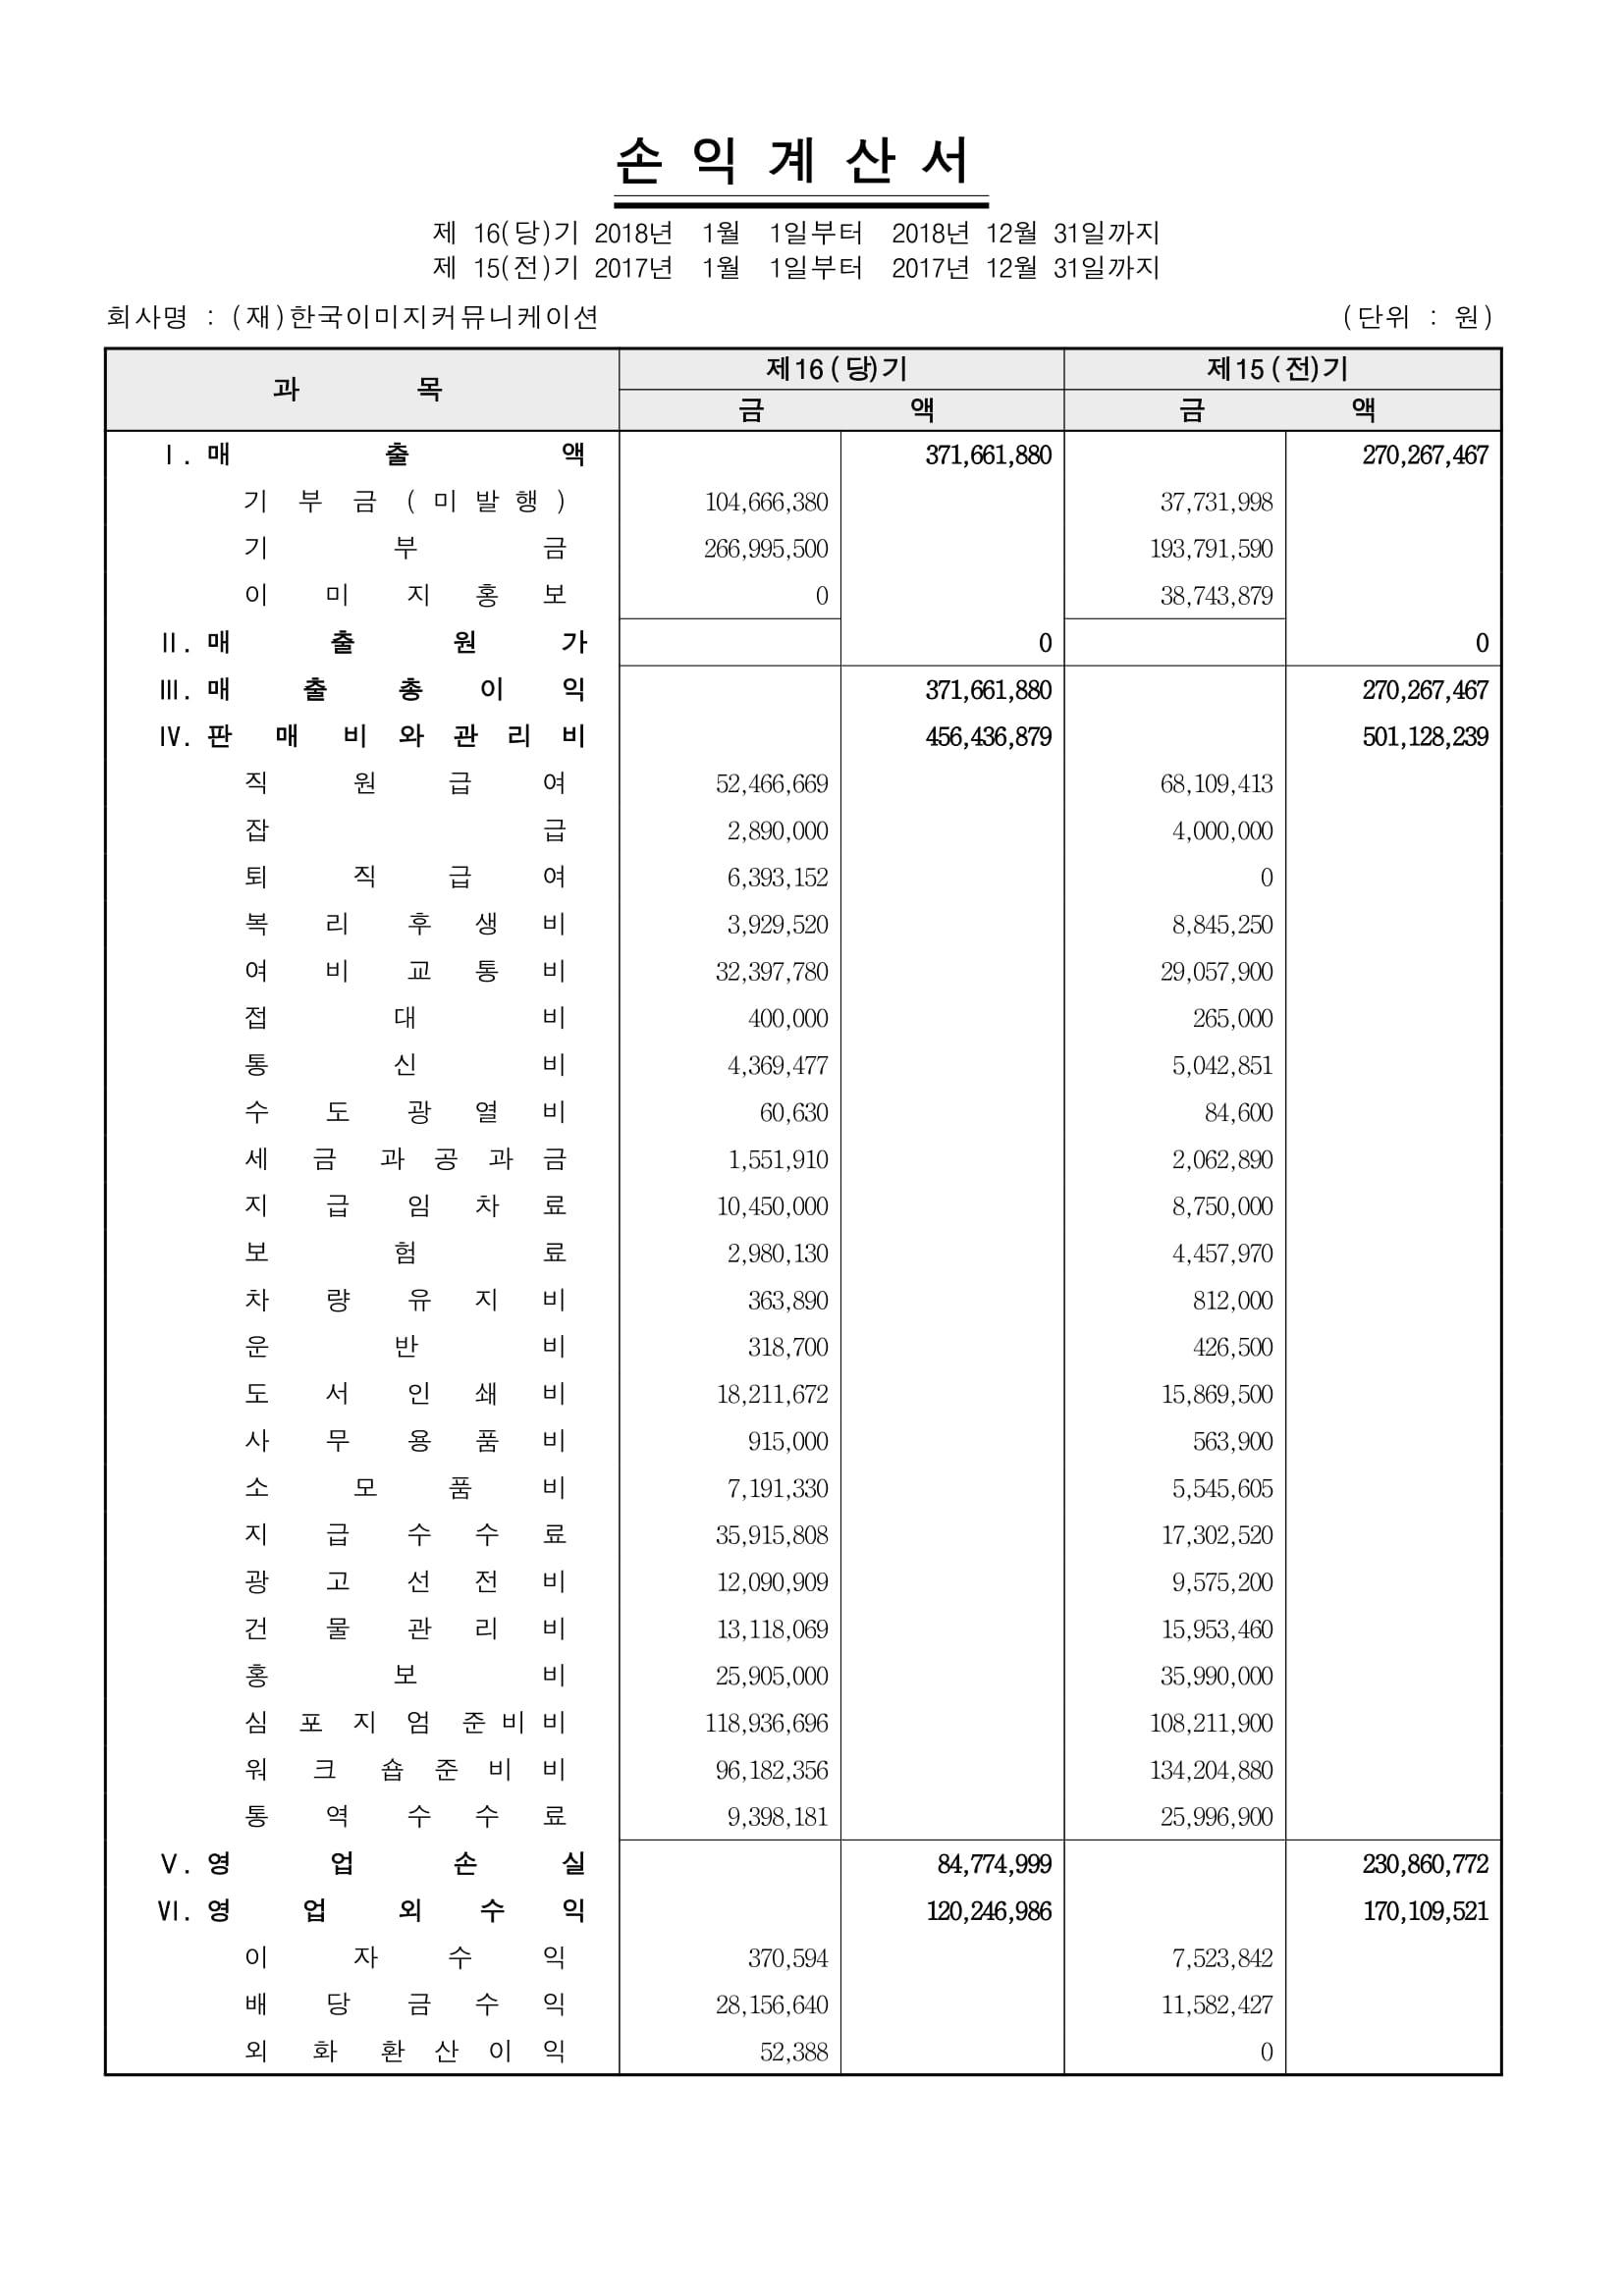 재단법인한국이미지커뮤니케이션연구원손익계산서 2018년귀속-1.jpg